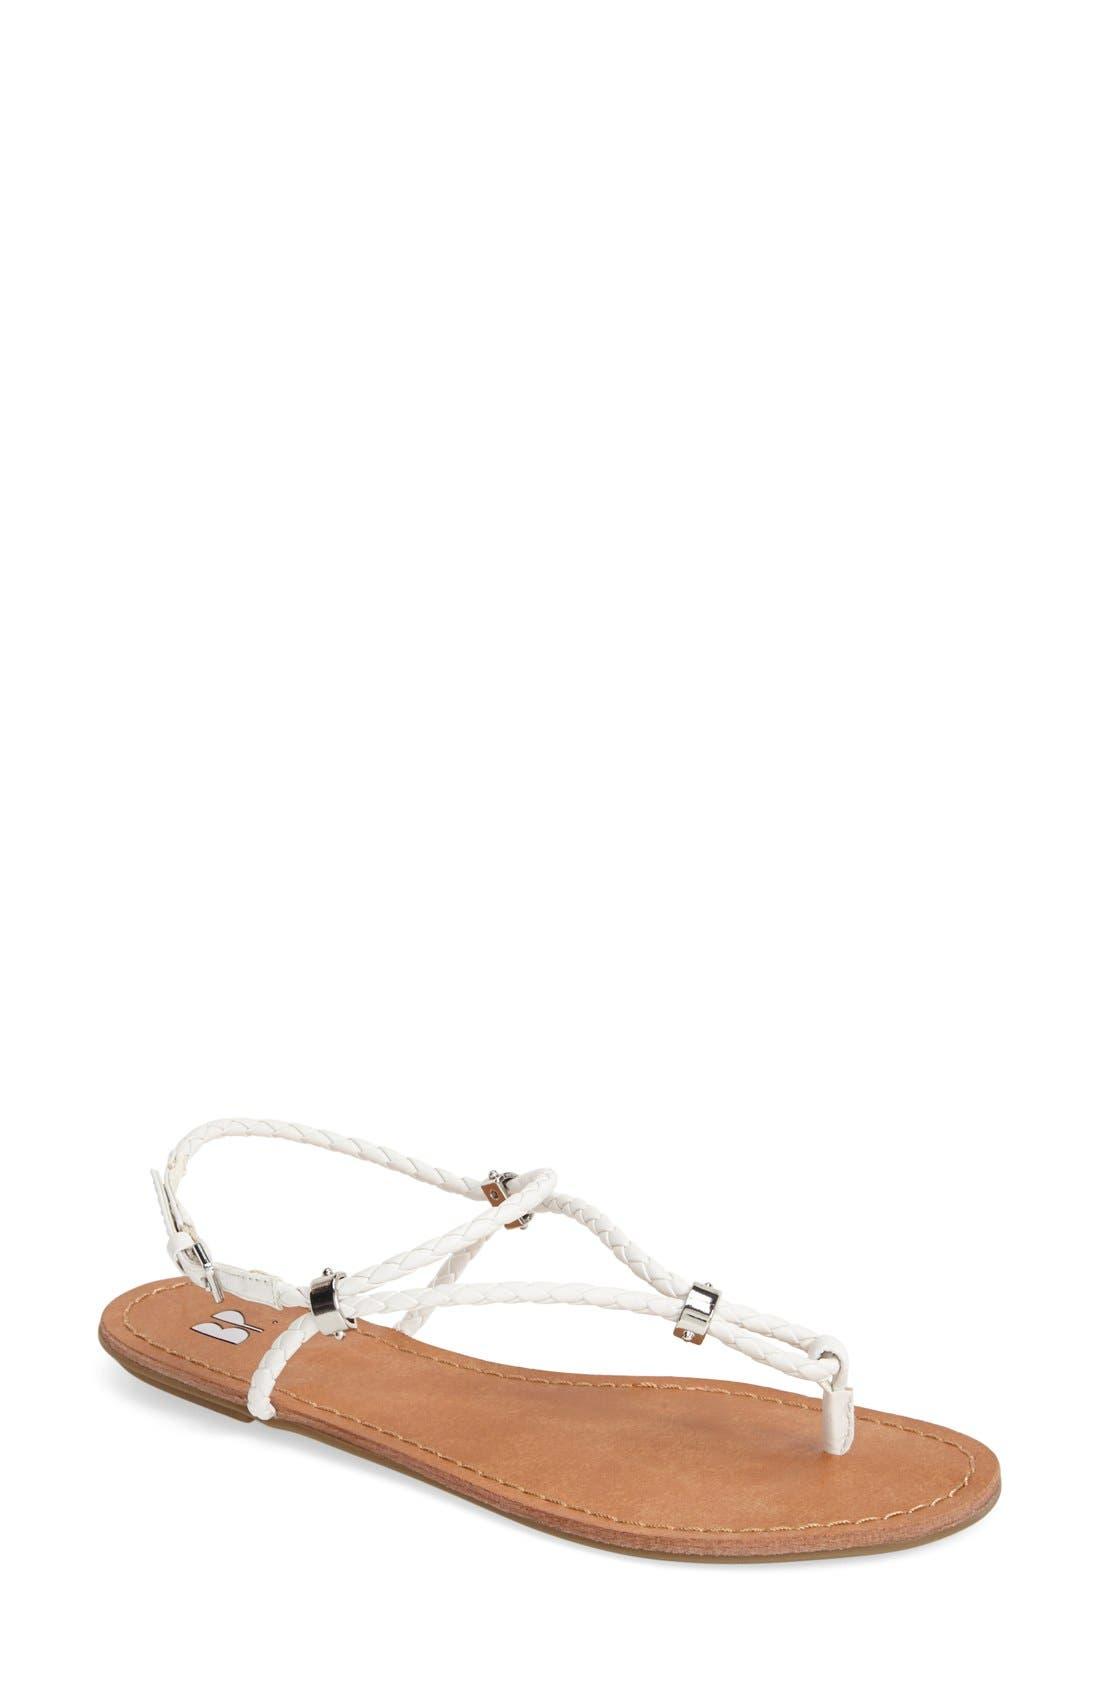 BP., 'Mantra' Flat Thong Sandal, Main thumbnail 1, color, 100